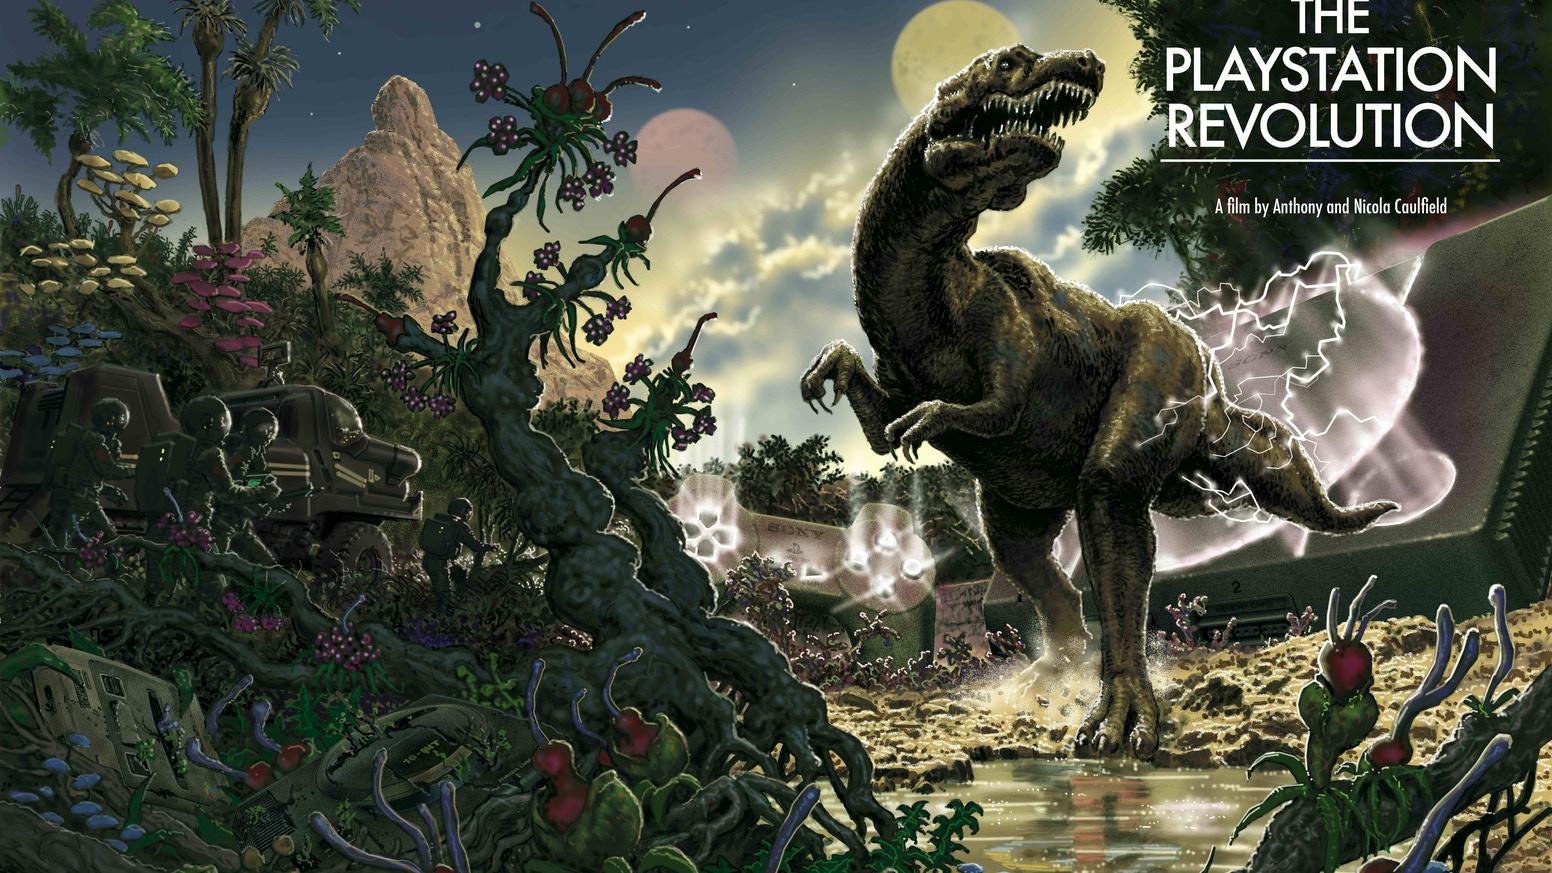 Анонсирован документальный фильм об истории PlayStation